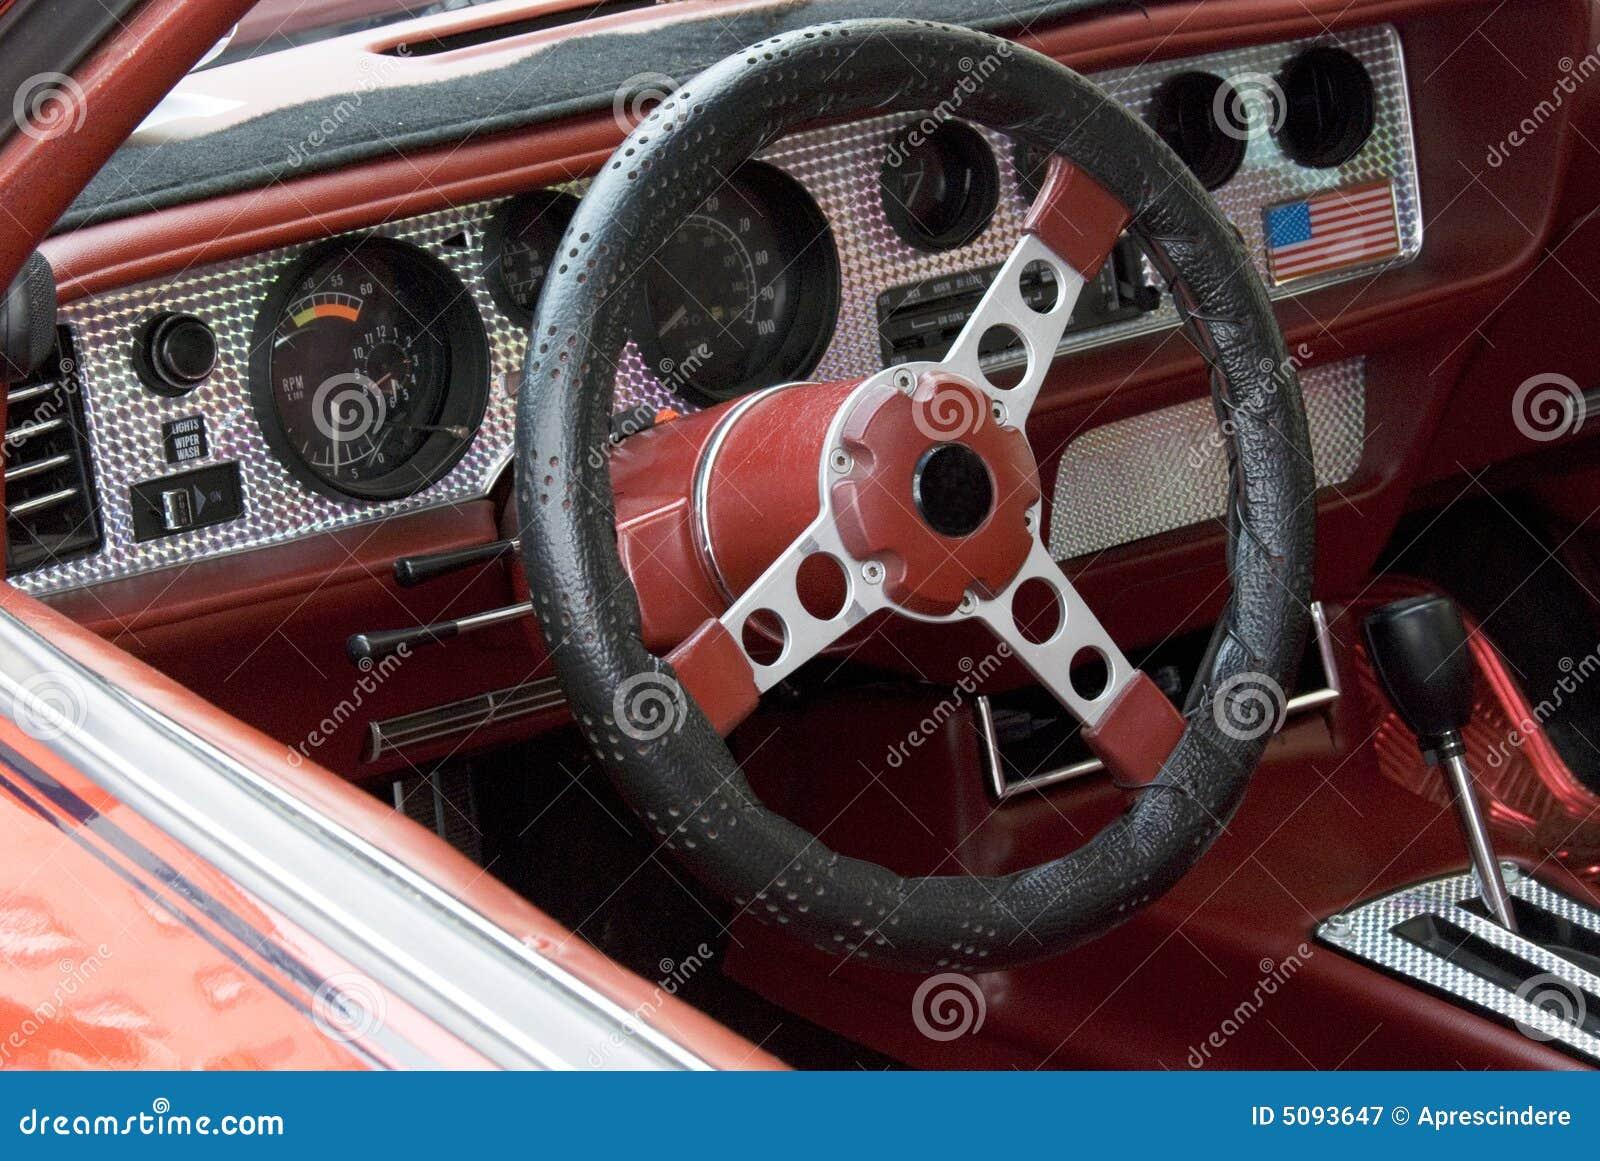 tableau de bord de voiture de sport image stock image du perdu classique 5093647. Black Bedroom Furniture Sets. Home Design Ideas